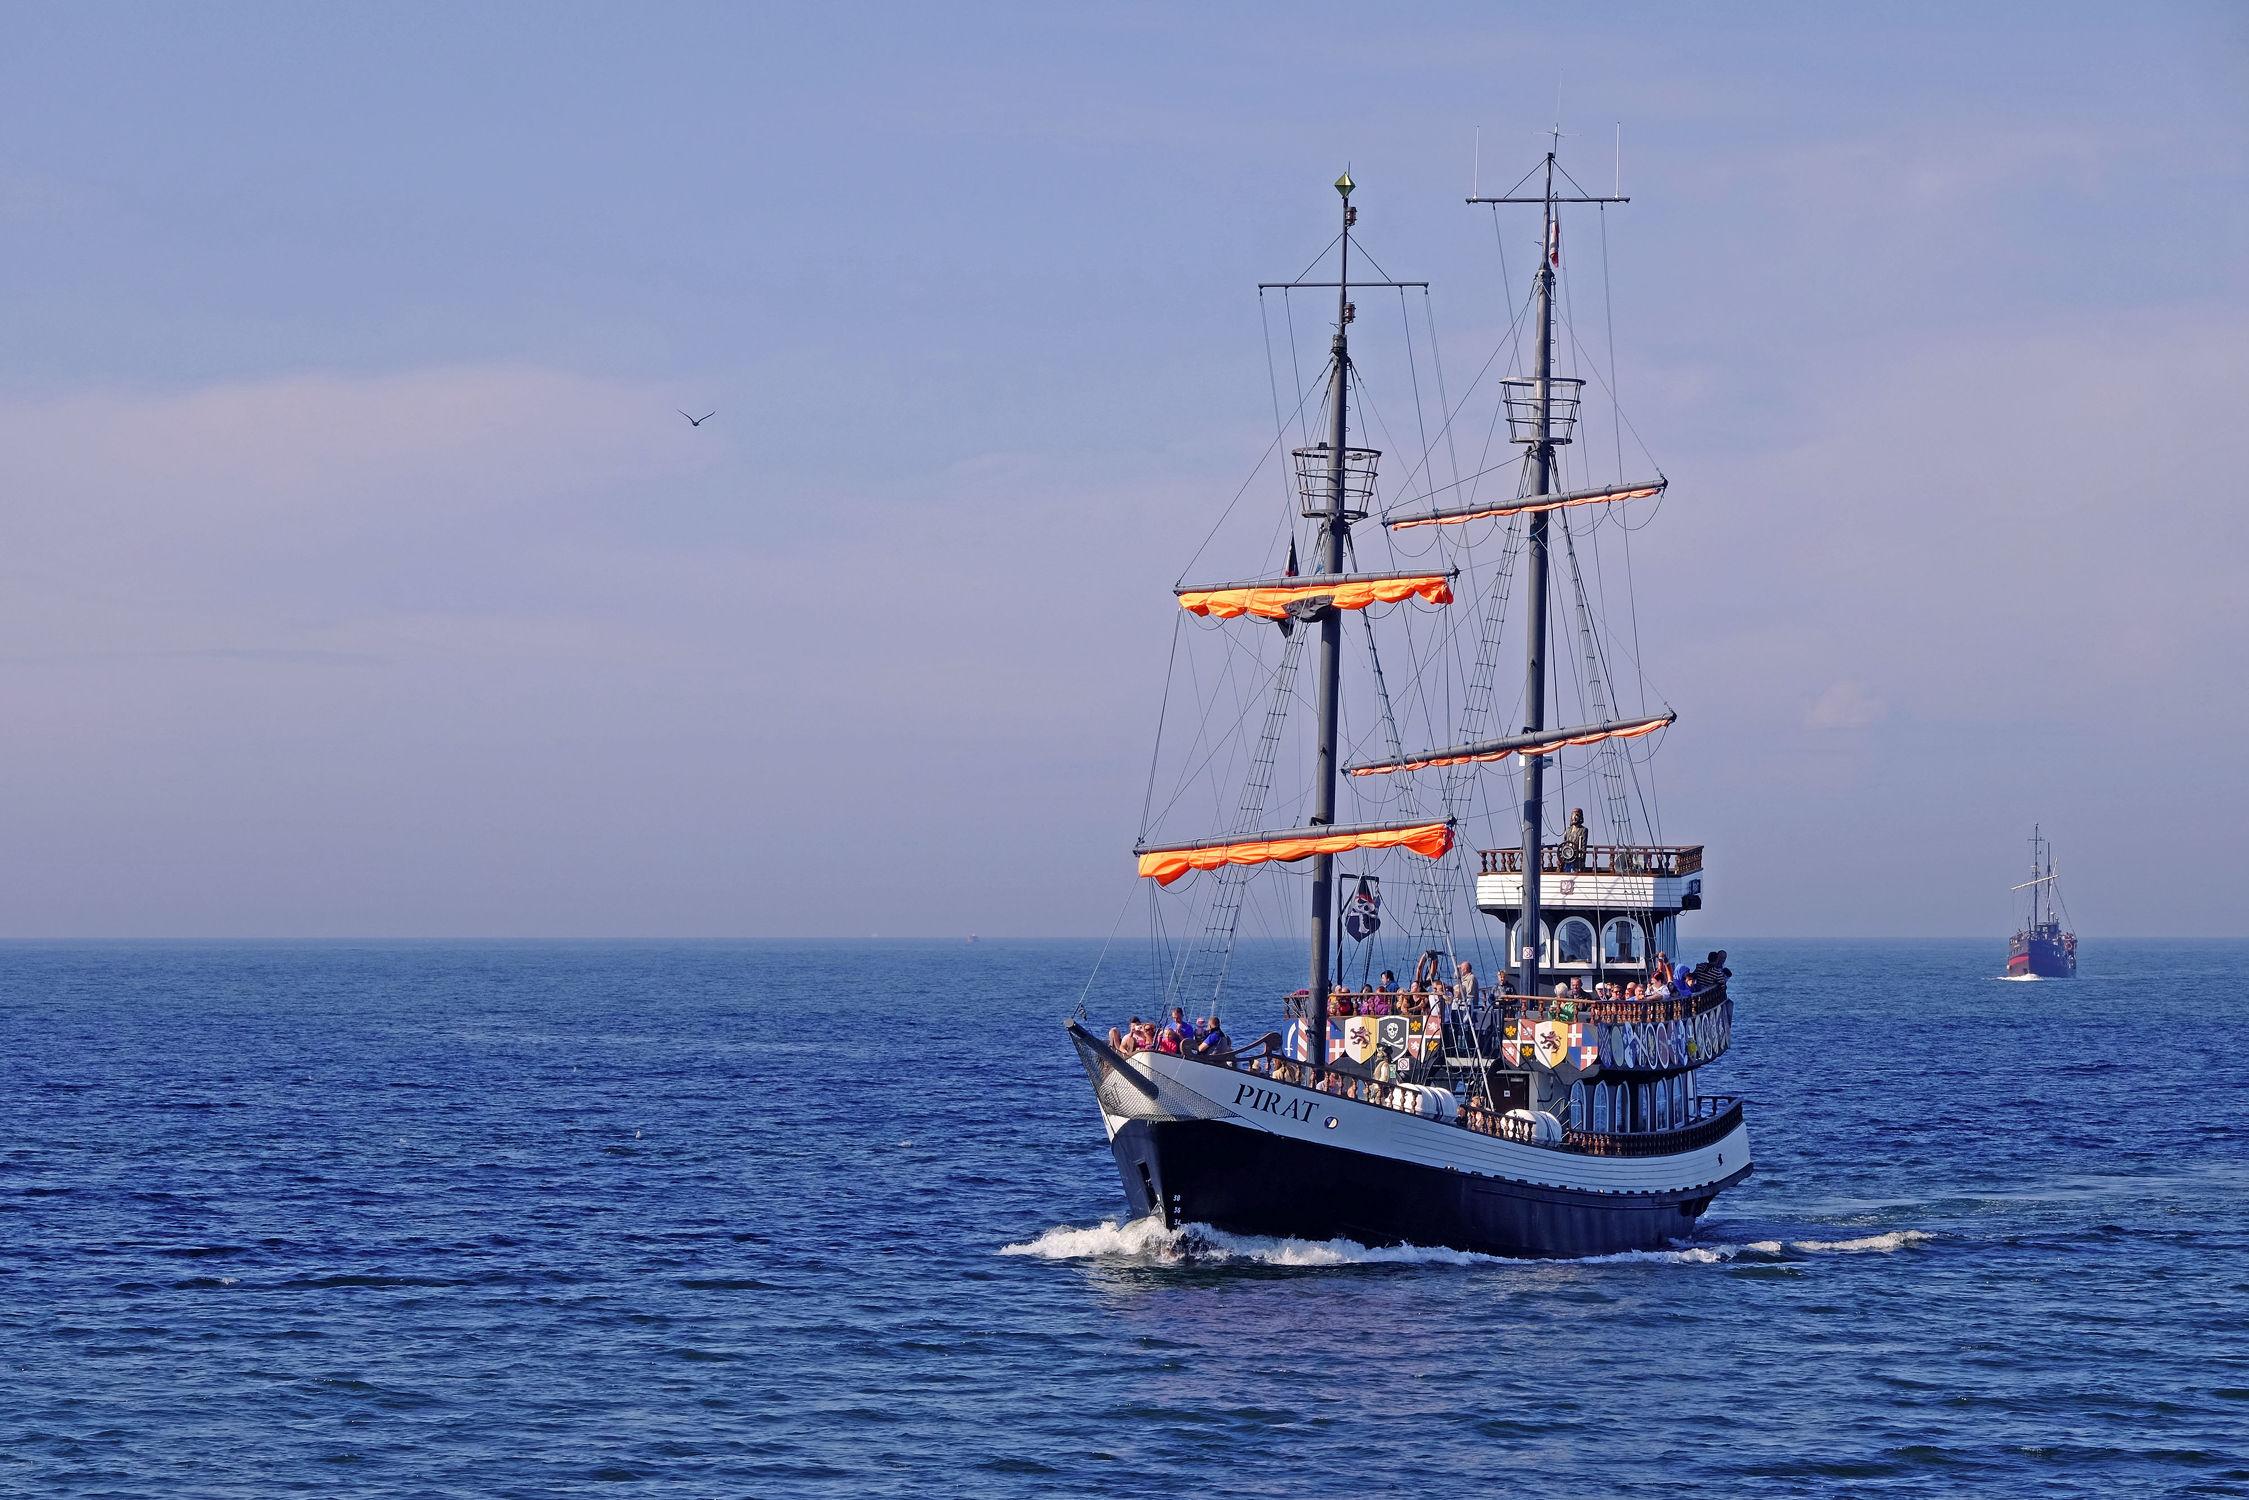 Bild mit Schiffe, Ostsee, Segler, Kolberg, Polen, Pirat, Heimkehr